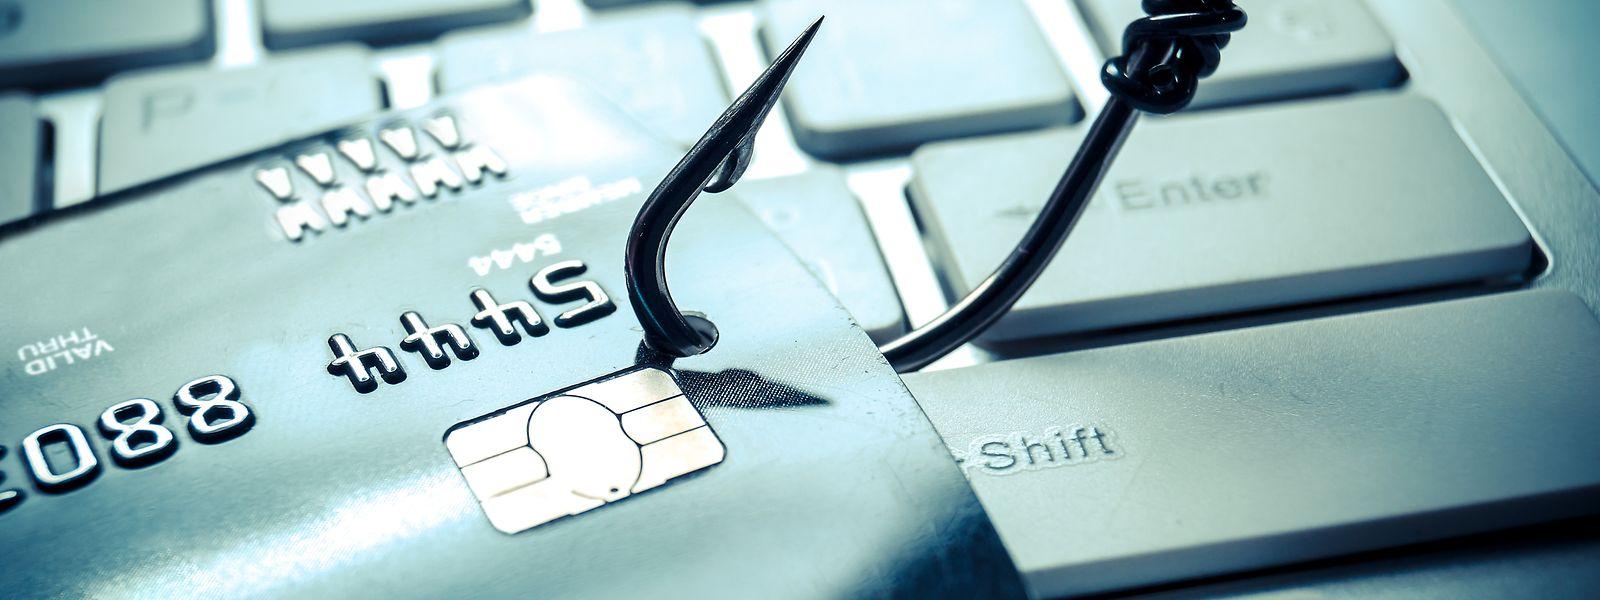 À la suite des récentes tentatives de phishing, les banques et LuxTrust rappellent qu'ils n'enverront pas de communication pour demander aux utilisateurs de s'authentifier